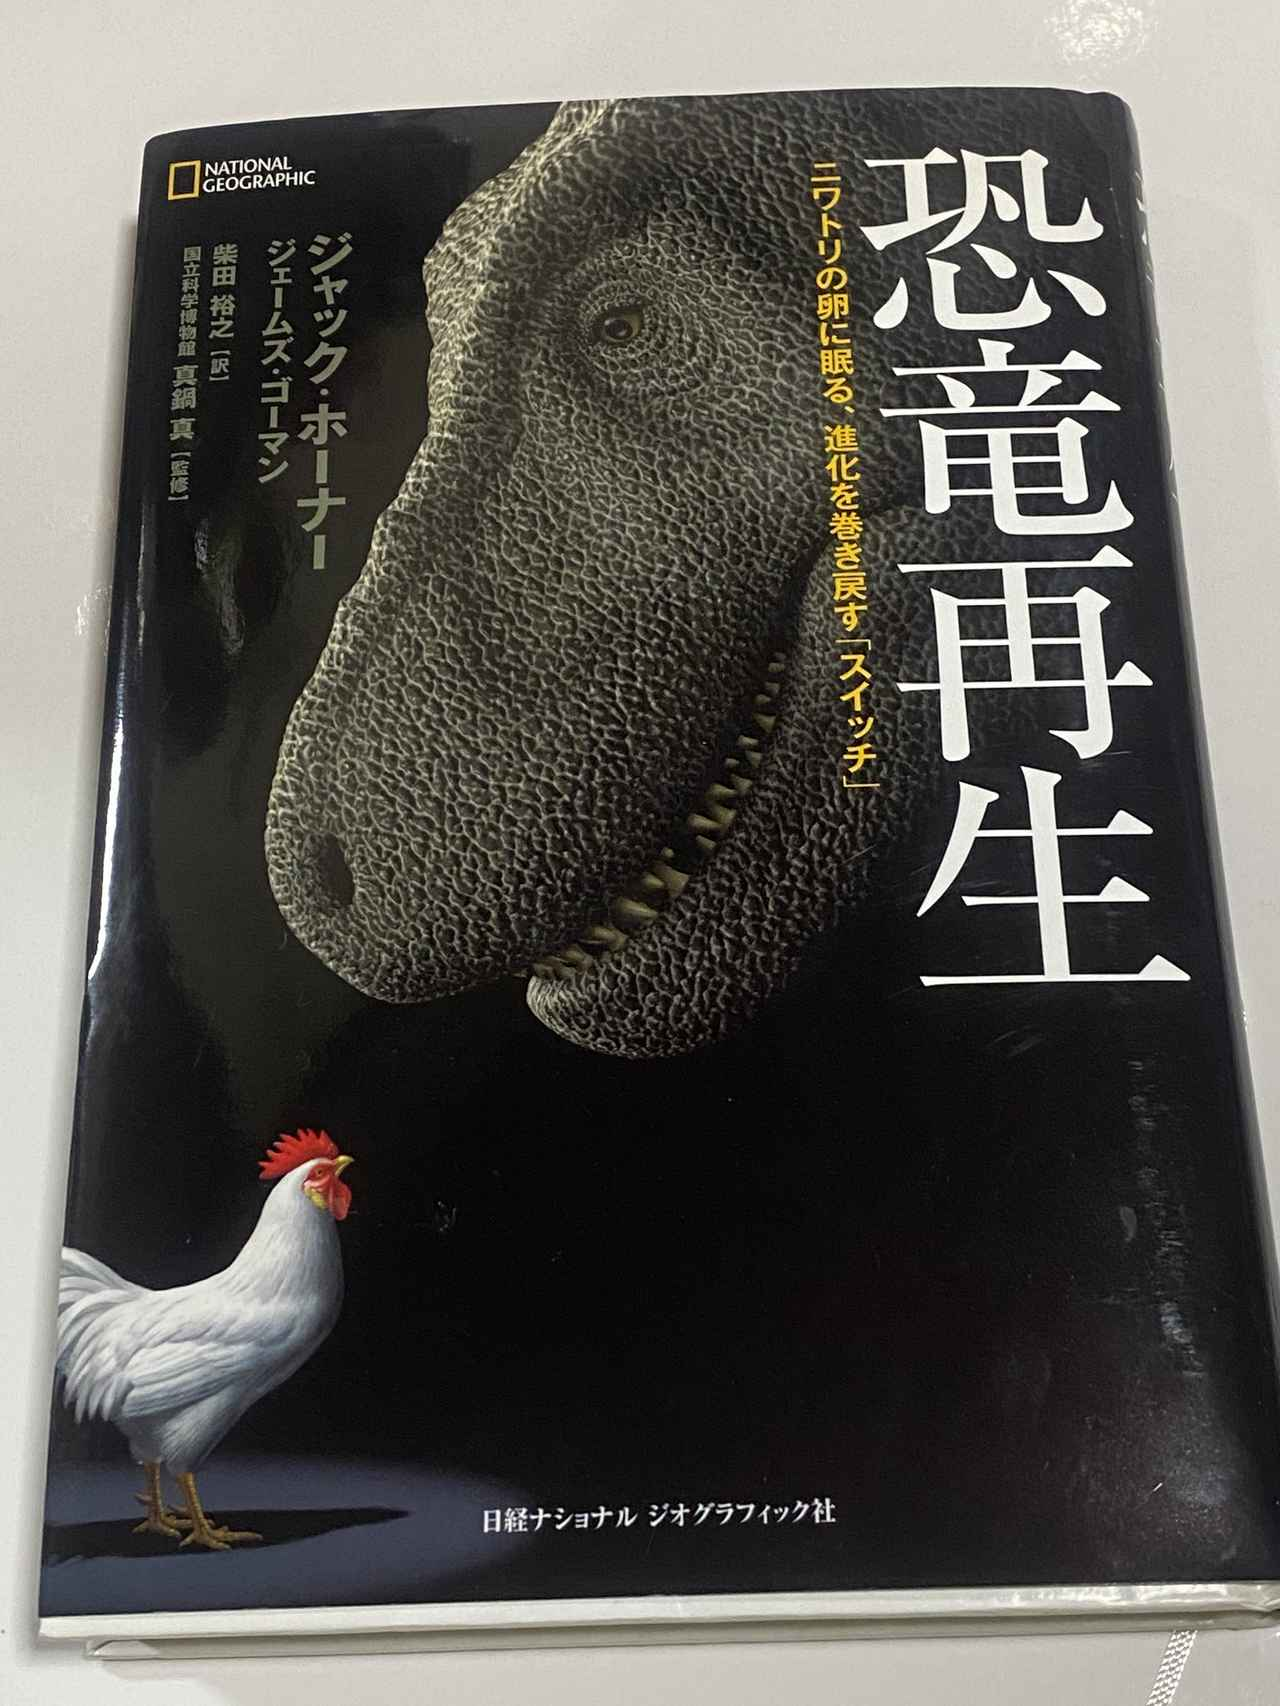 画像1: マンモスや恐竜を蘇らせることはできるのか?